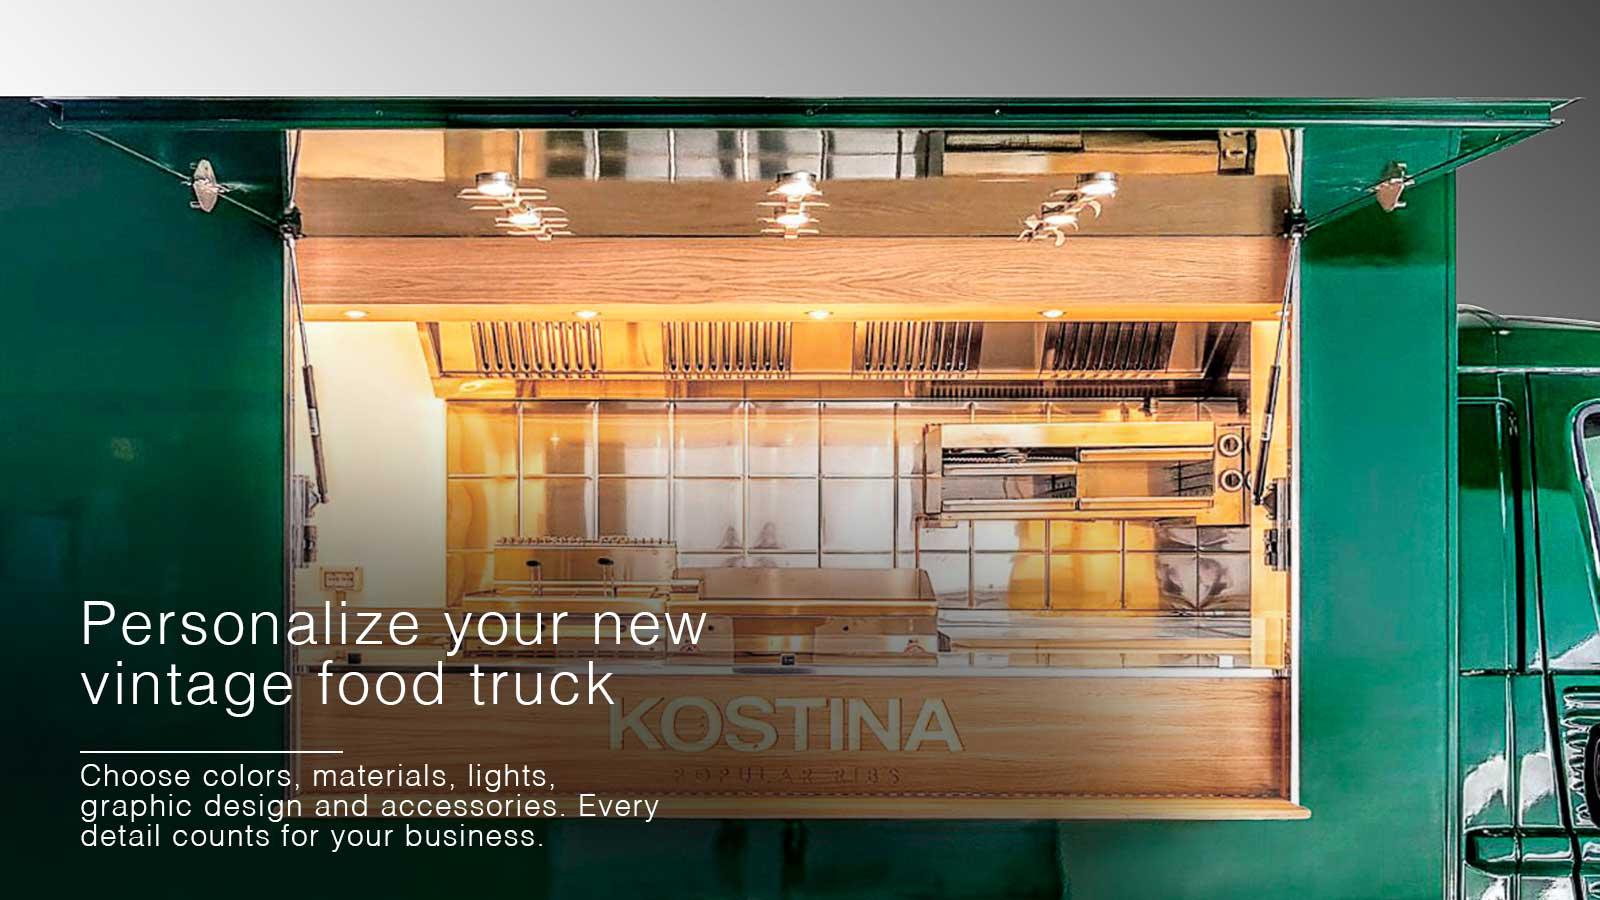 citroen vintage food truck to rent